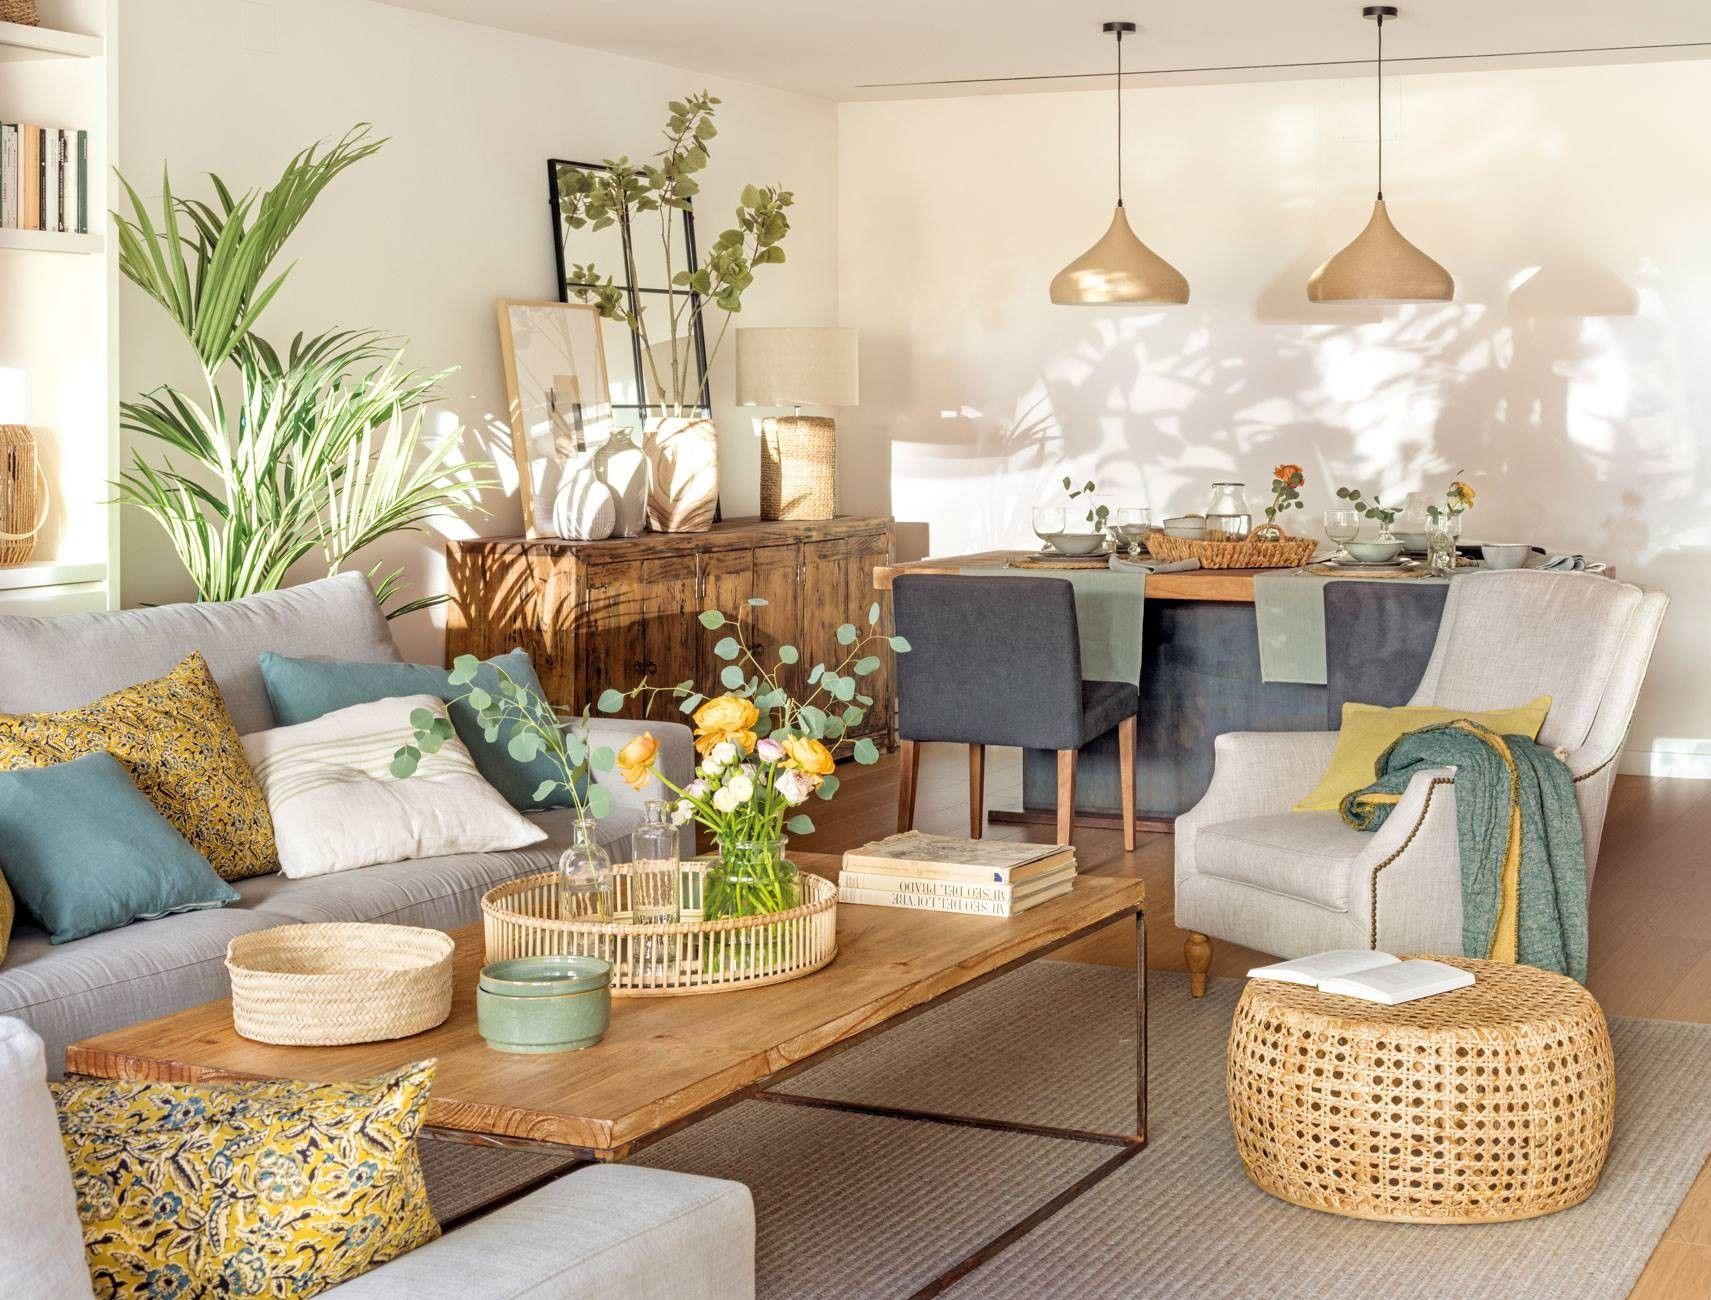 Puoi creare un equilibrio di stile e coerenza, dalla scelta dei pavimenti fino ai materiali e alle forme dei mobili. Come Arredare Sala E Salotto Insieme Suggerimenti E Indicazioni Utili Casamagazine